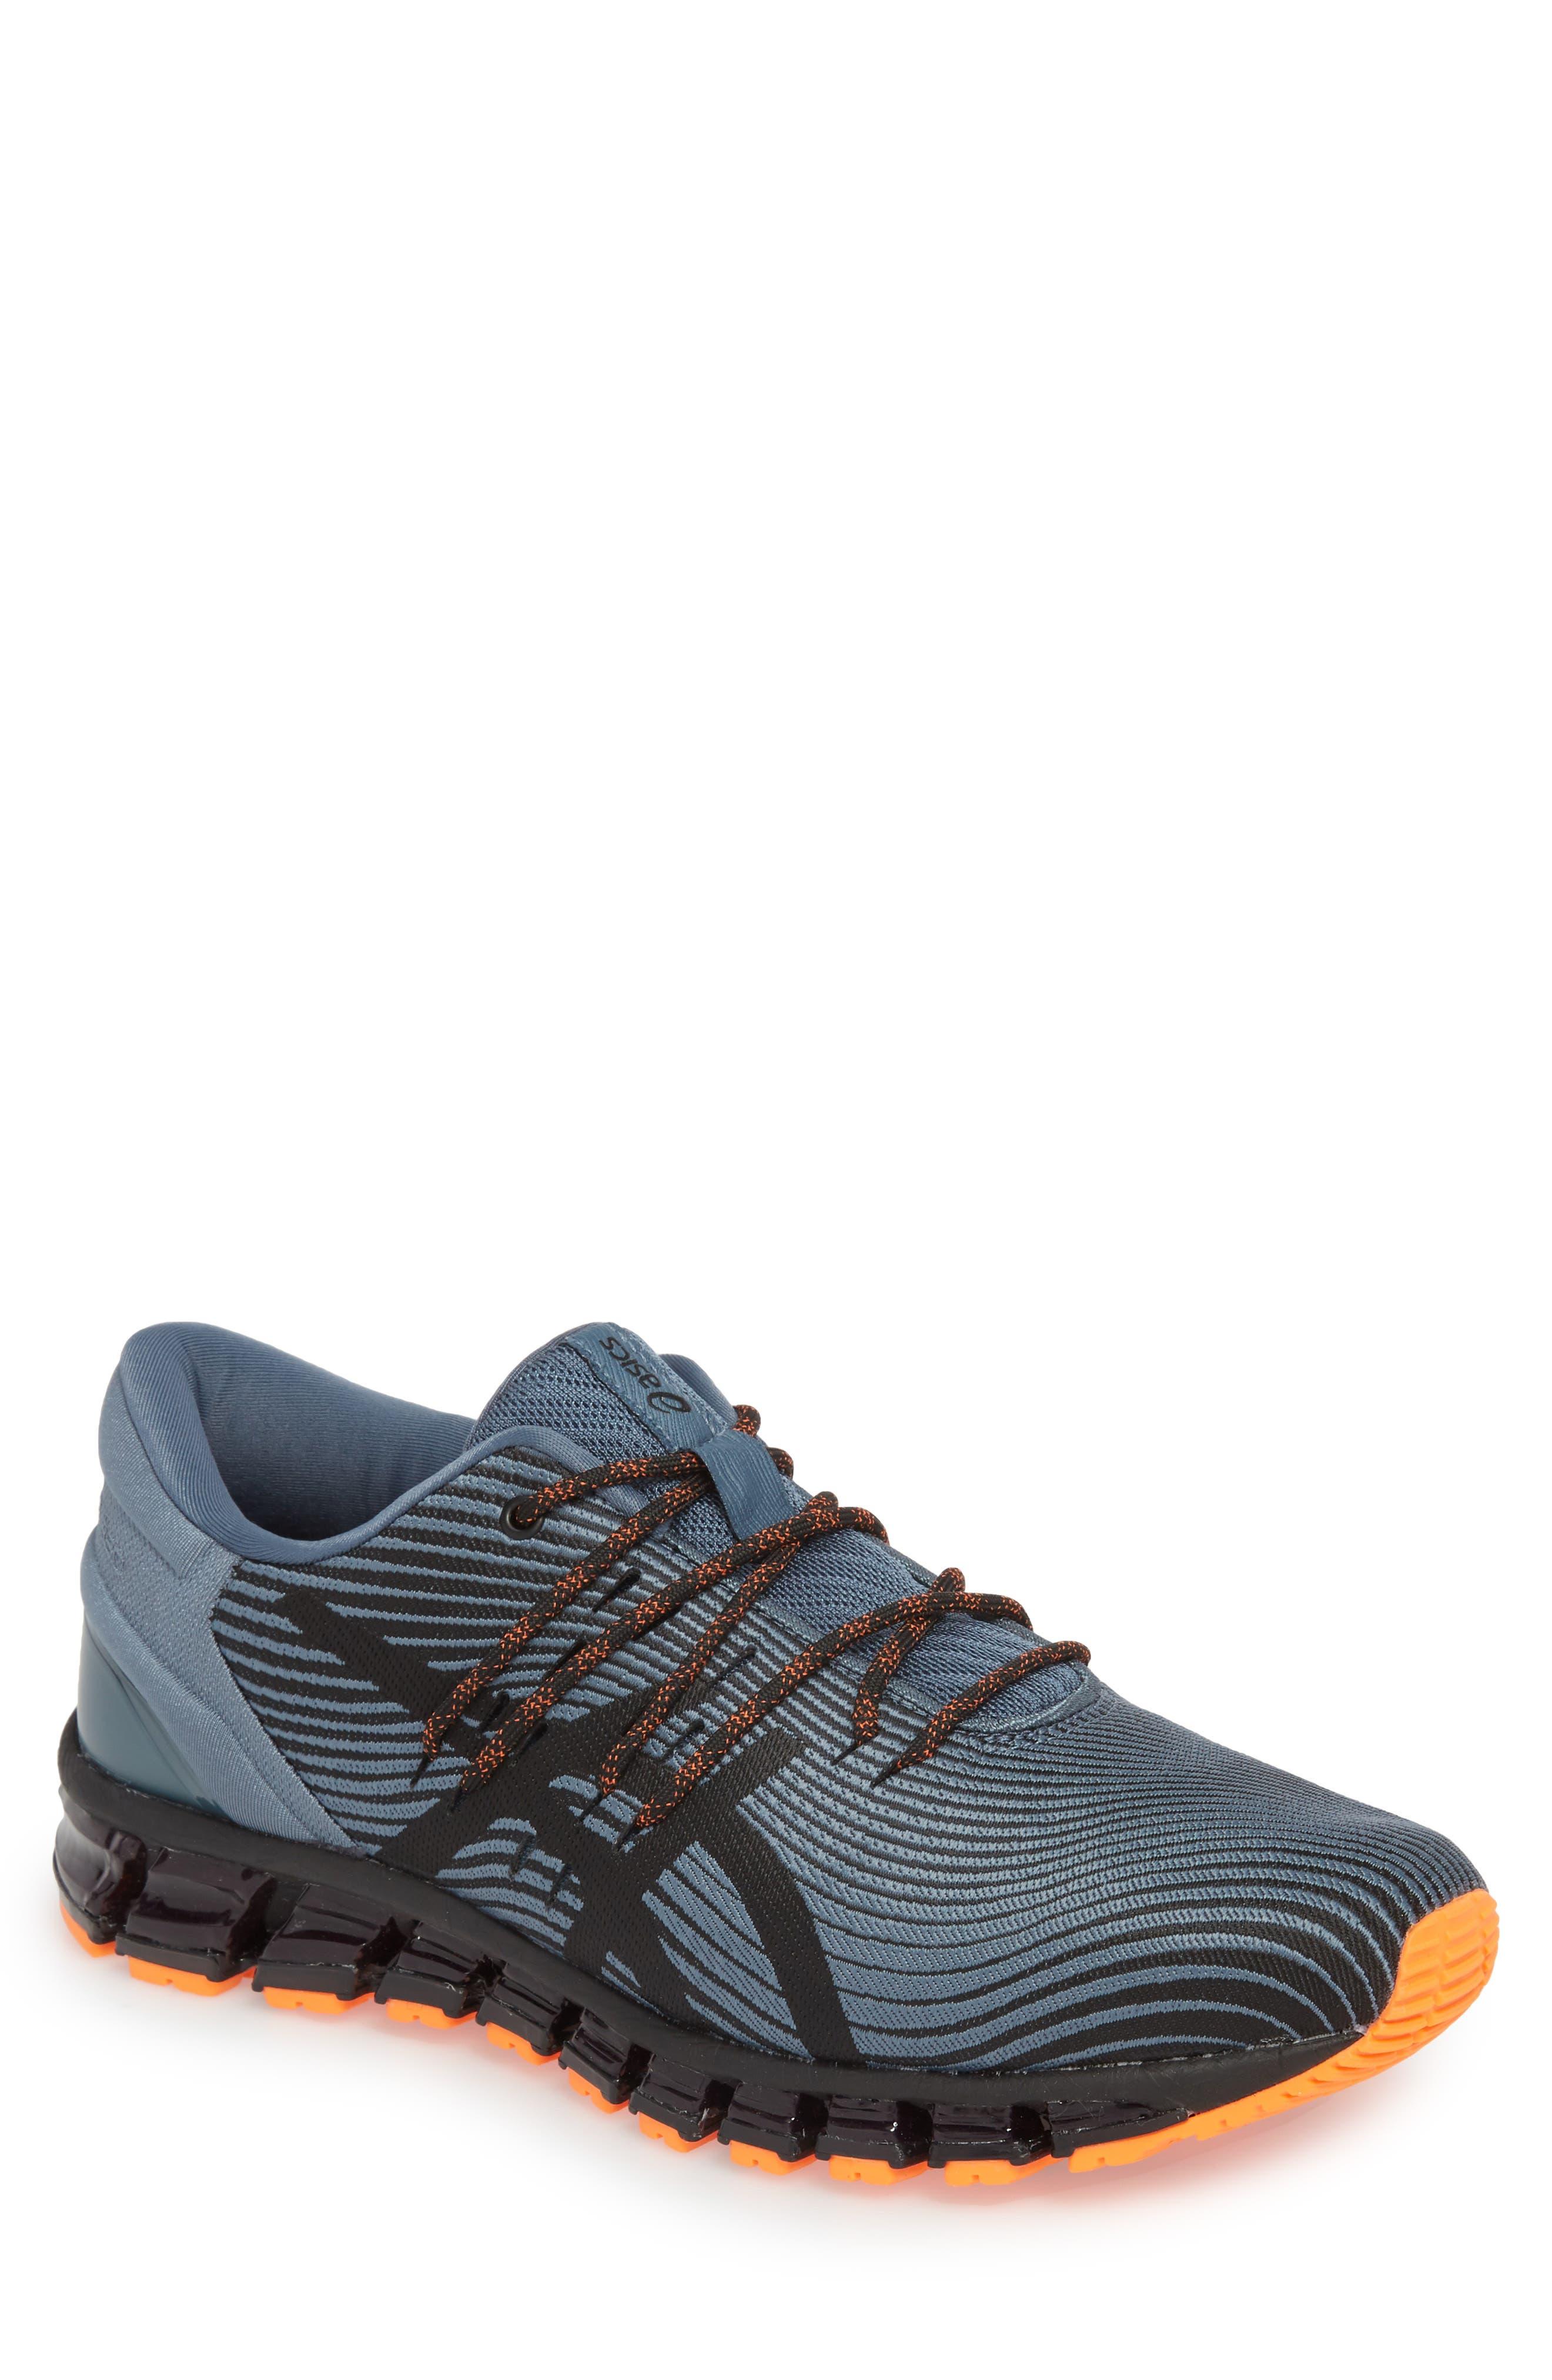 GEL-Quantum 360 4 Running Shoe, Main, color, IRON CLAD/ BLACK